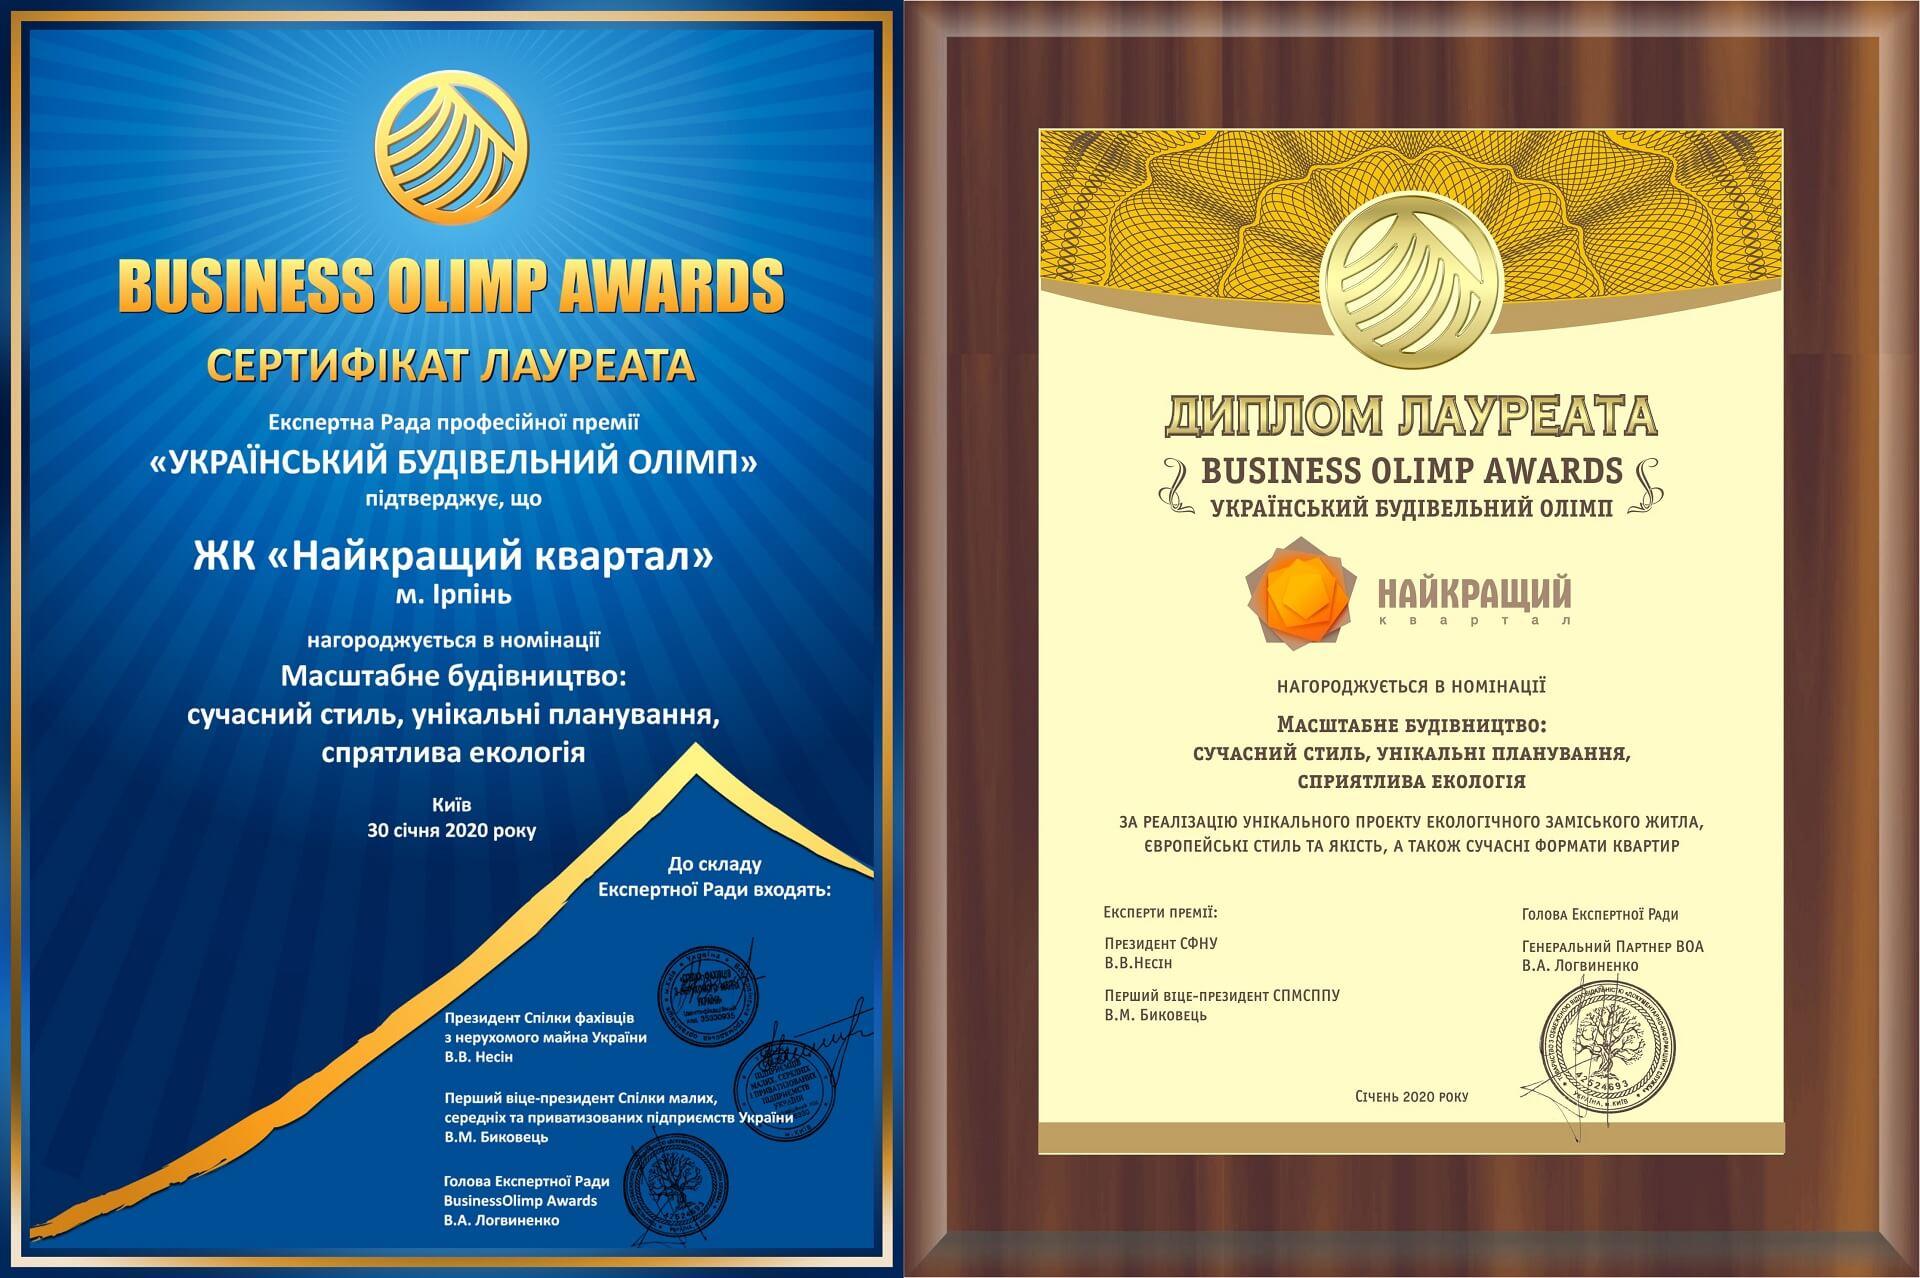 ЖК «Найкращий» отримав звання «Масштабне будівництво: сучасний стиль, унікальне планування, сприятлива екологія»